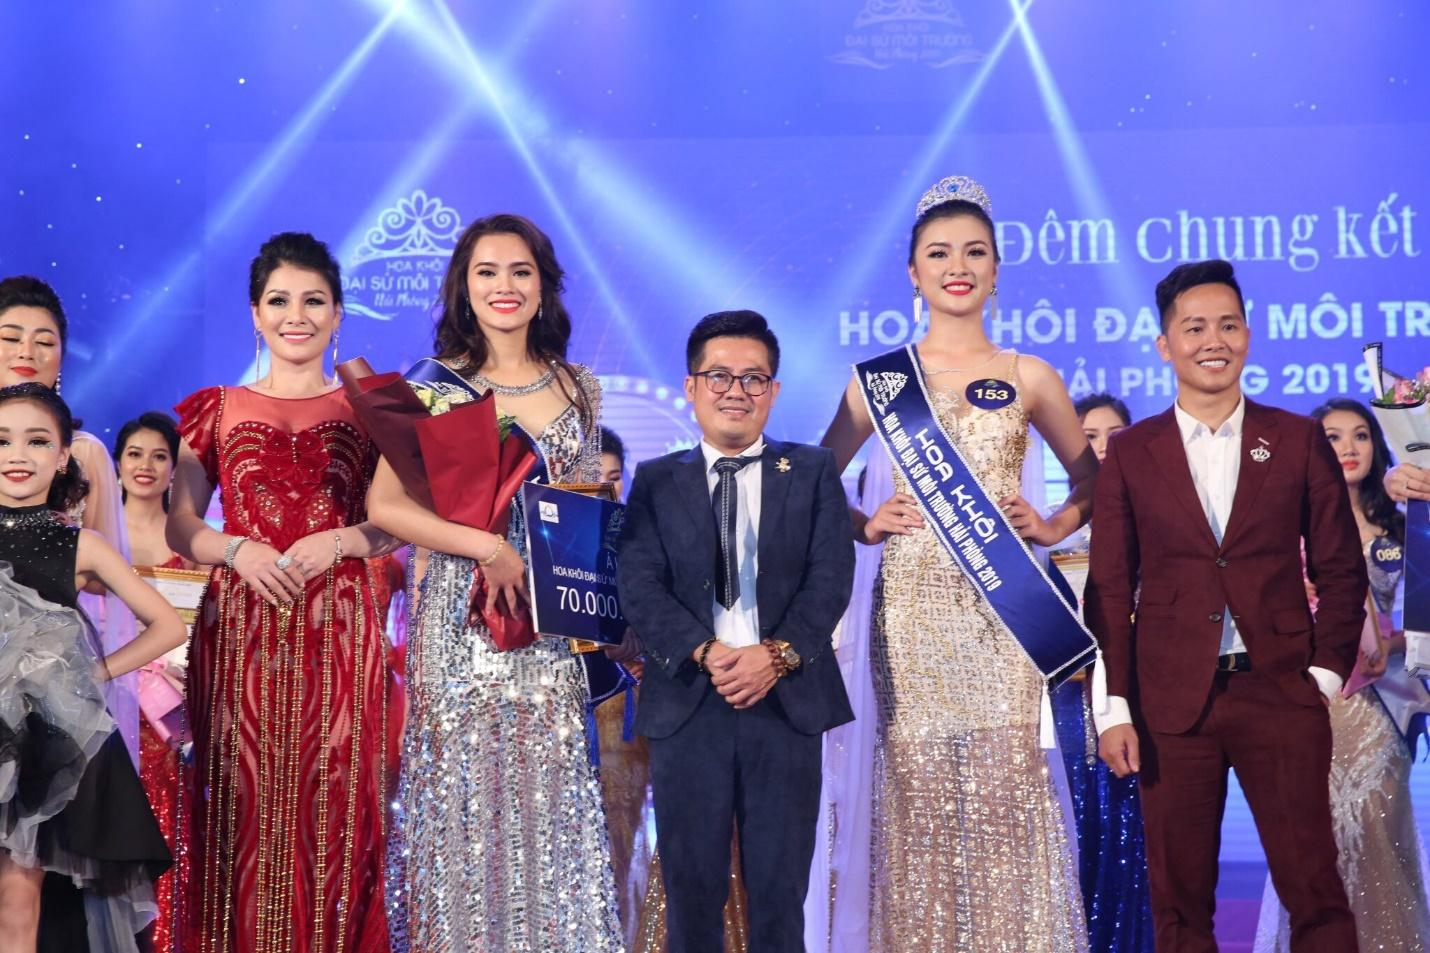 Hoa hậu doanh nhân Đàm Hương Thủy nổi bật khi ngồi ghế giám khảo Hoa khôi Đại sứ môi trường Hải Phòng năm 2019  - Ảnh 1